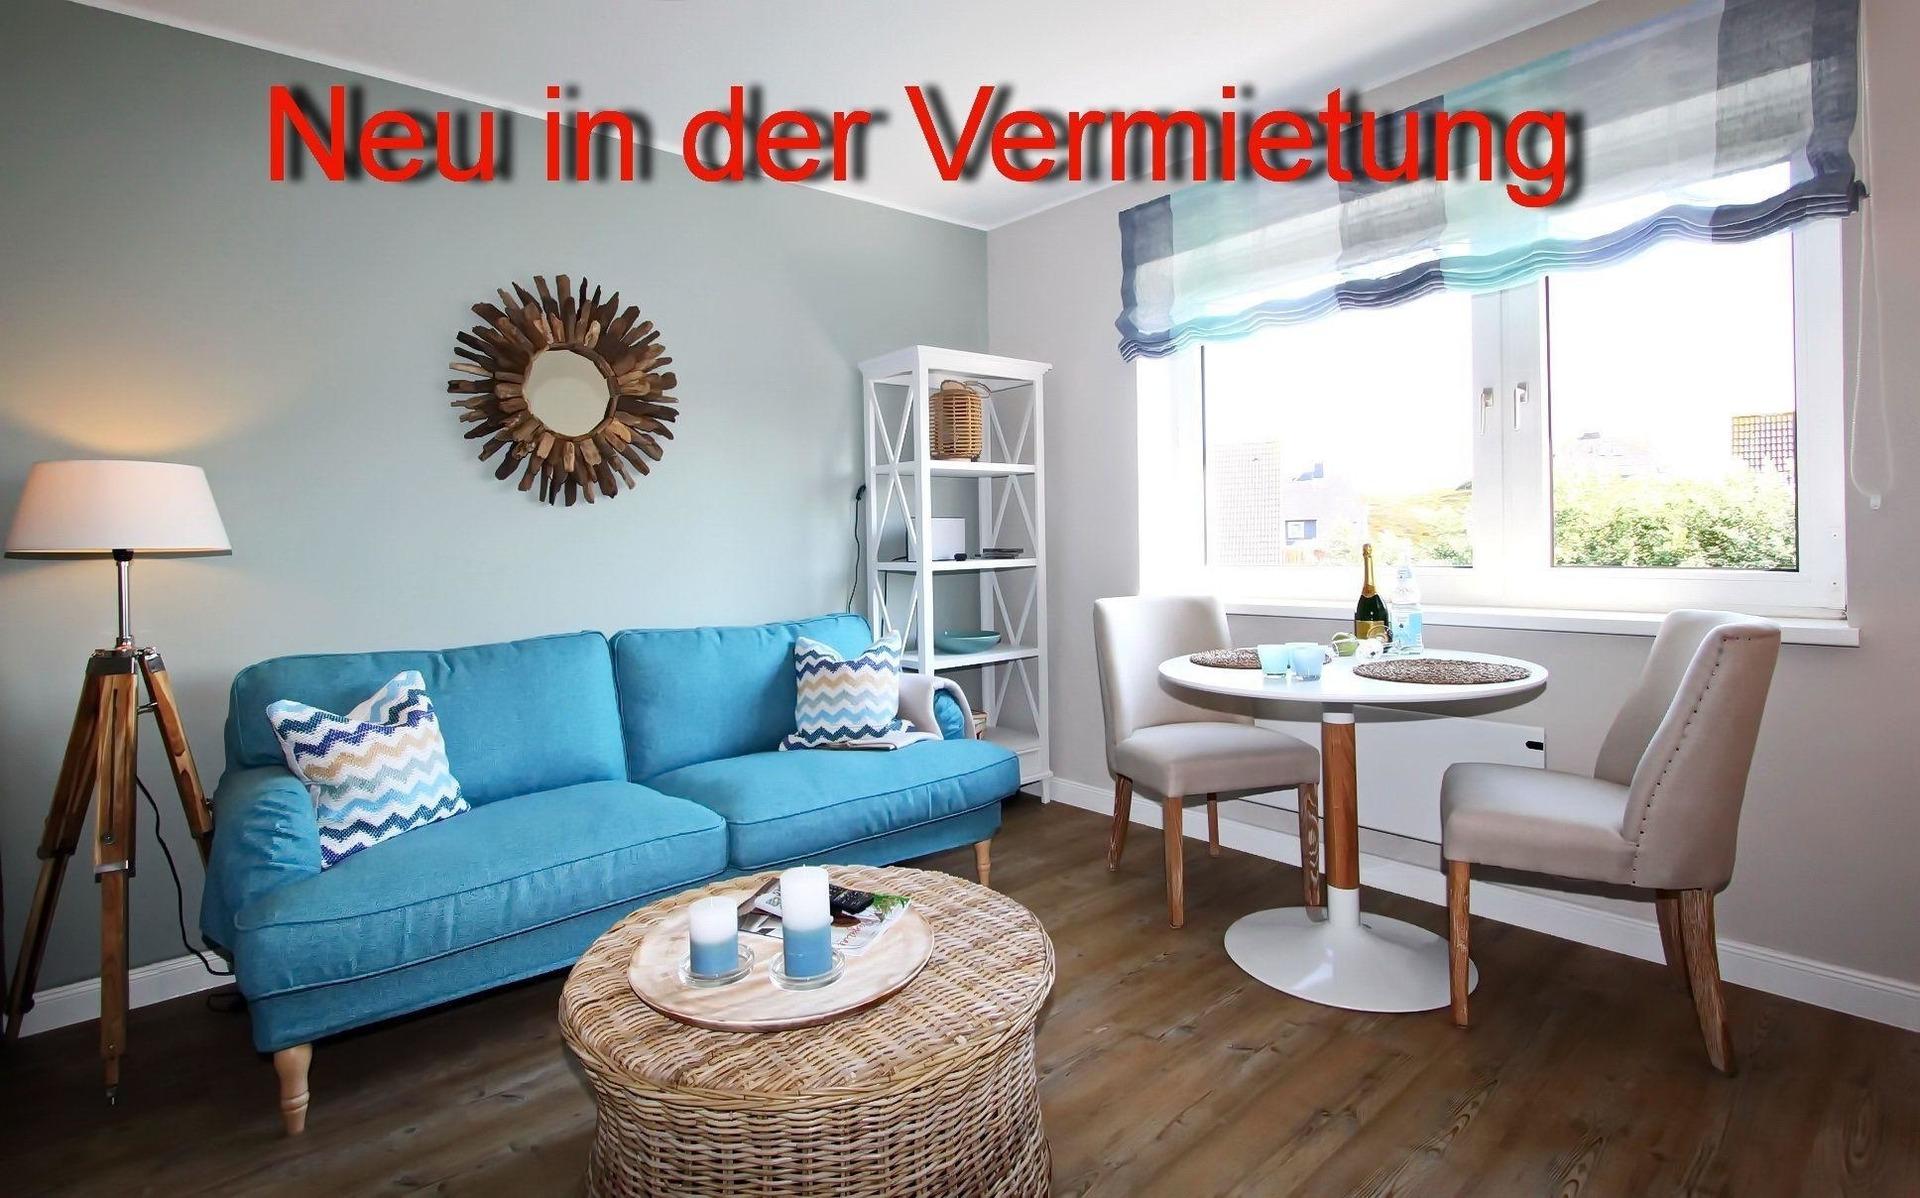 Ferienwohnung Inselleuchten (2656515), Hörnum, Sylt, Schleswig-Holstein, Deutschland, Bild 1